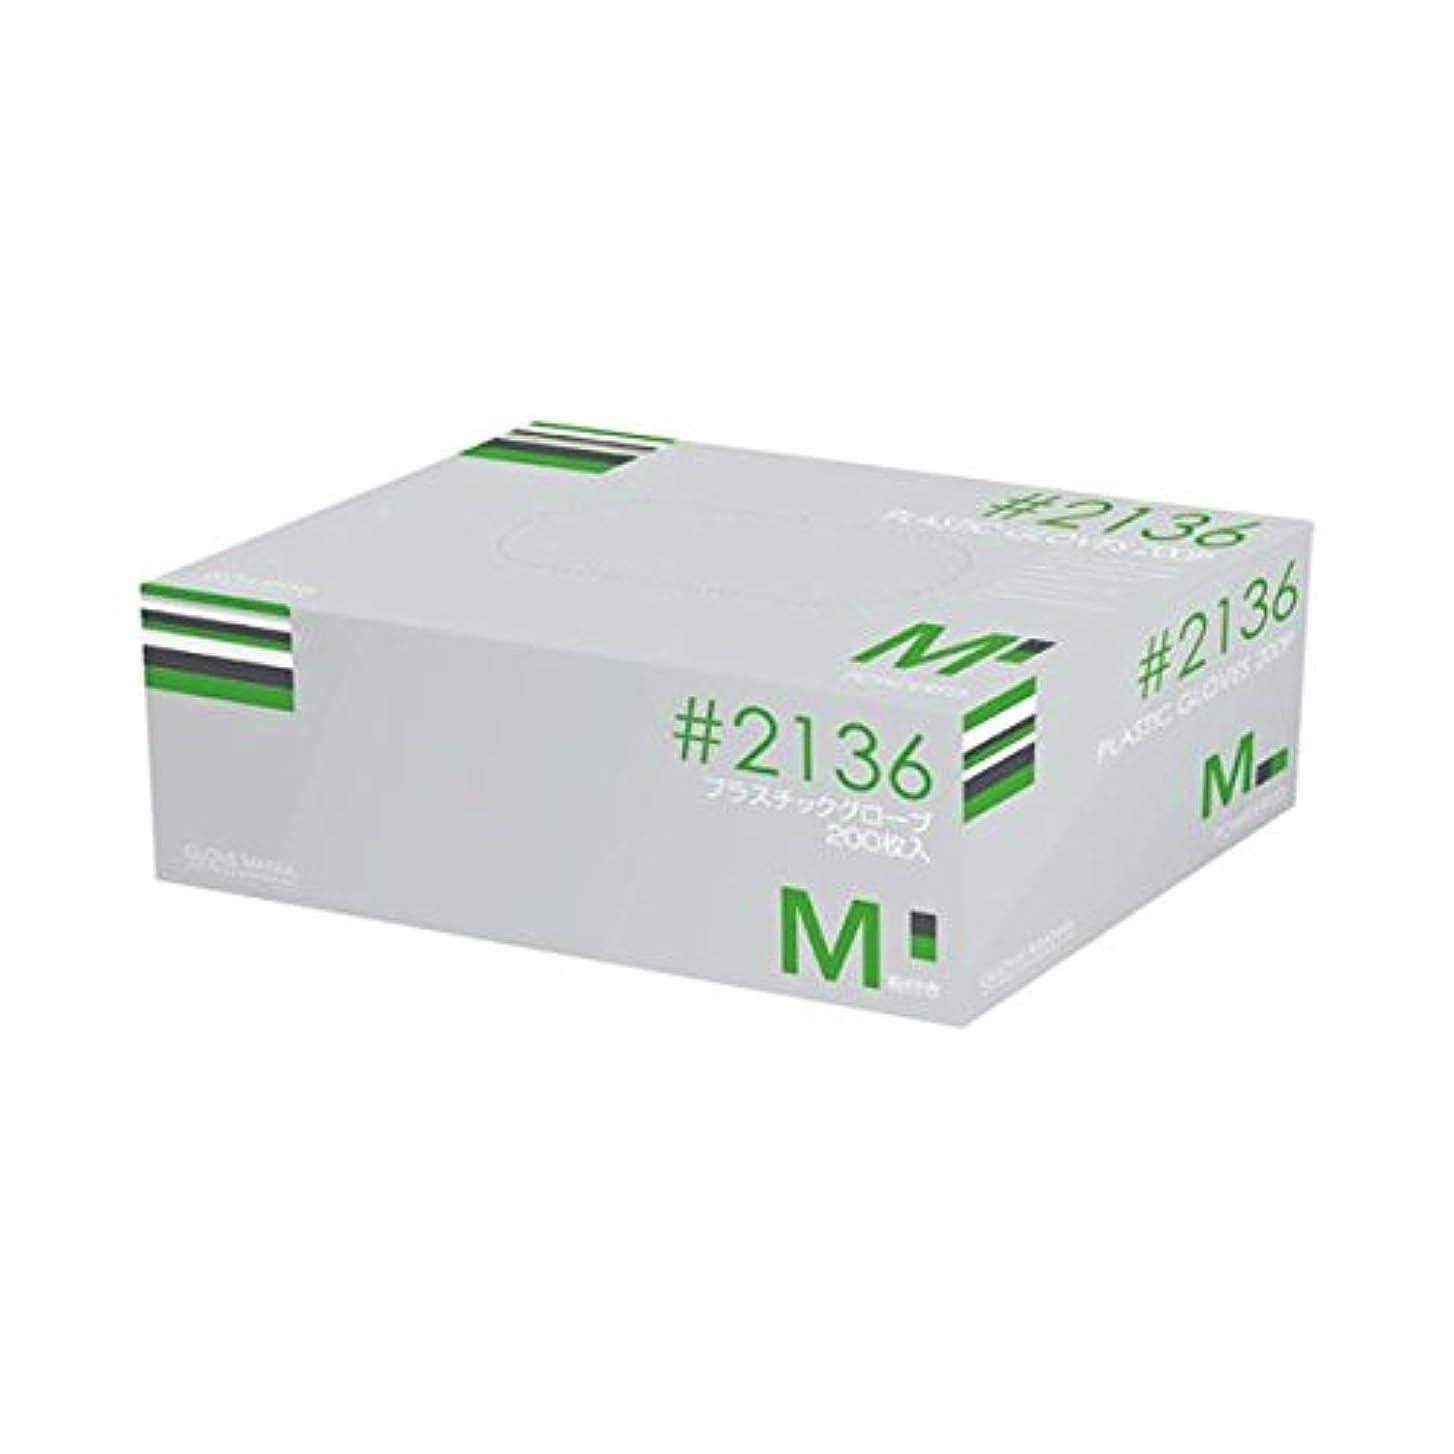 干渉ケージ成功した(業務用10セット) 川西工業 プラスティックグローブ #2136 M 粉付 ds-1913514